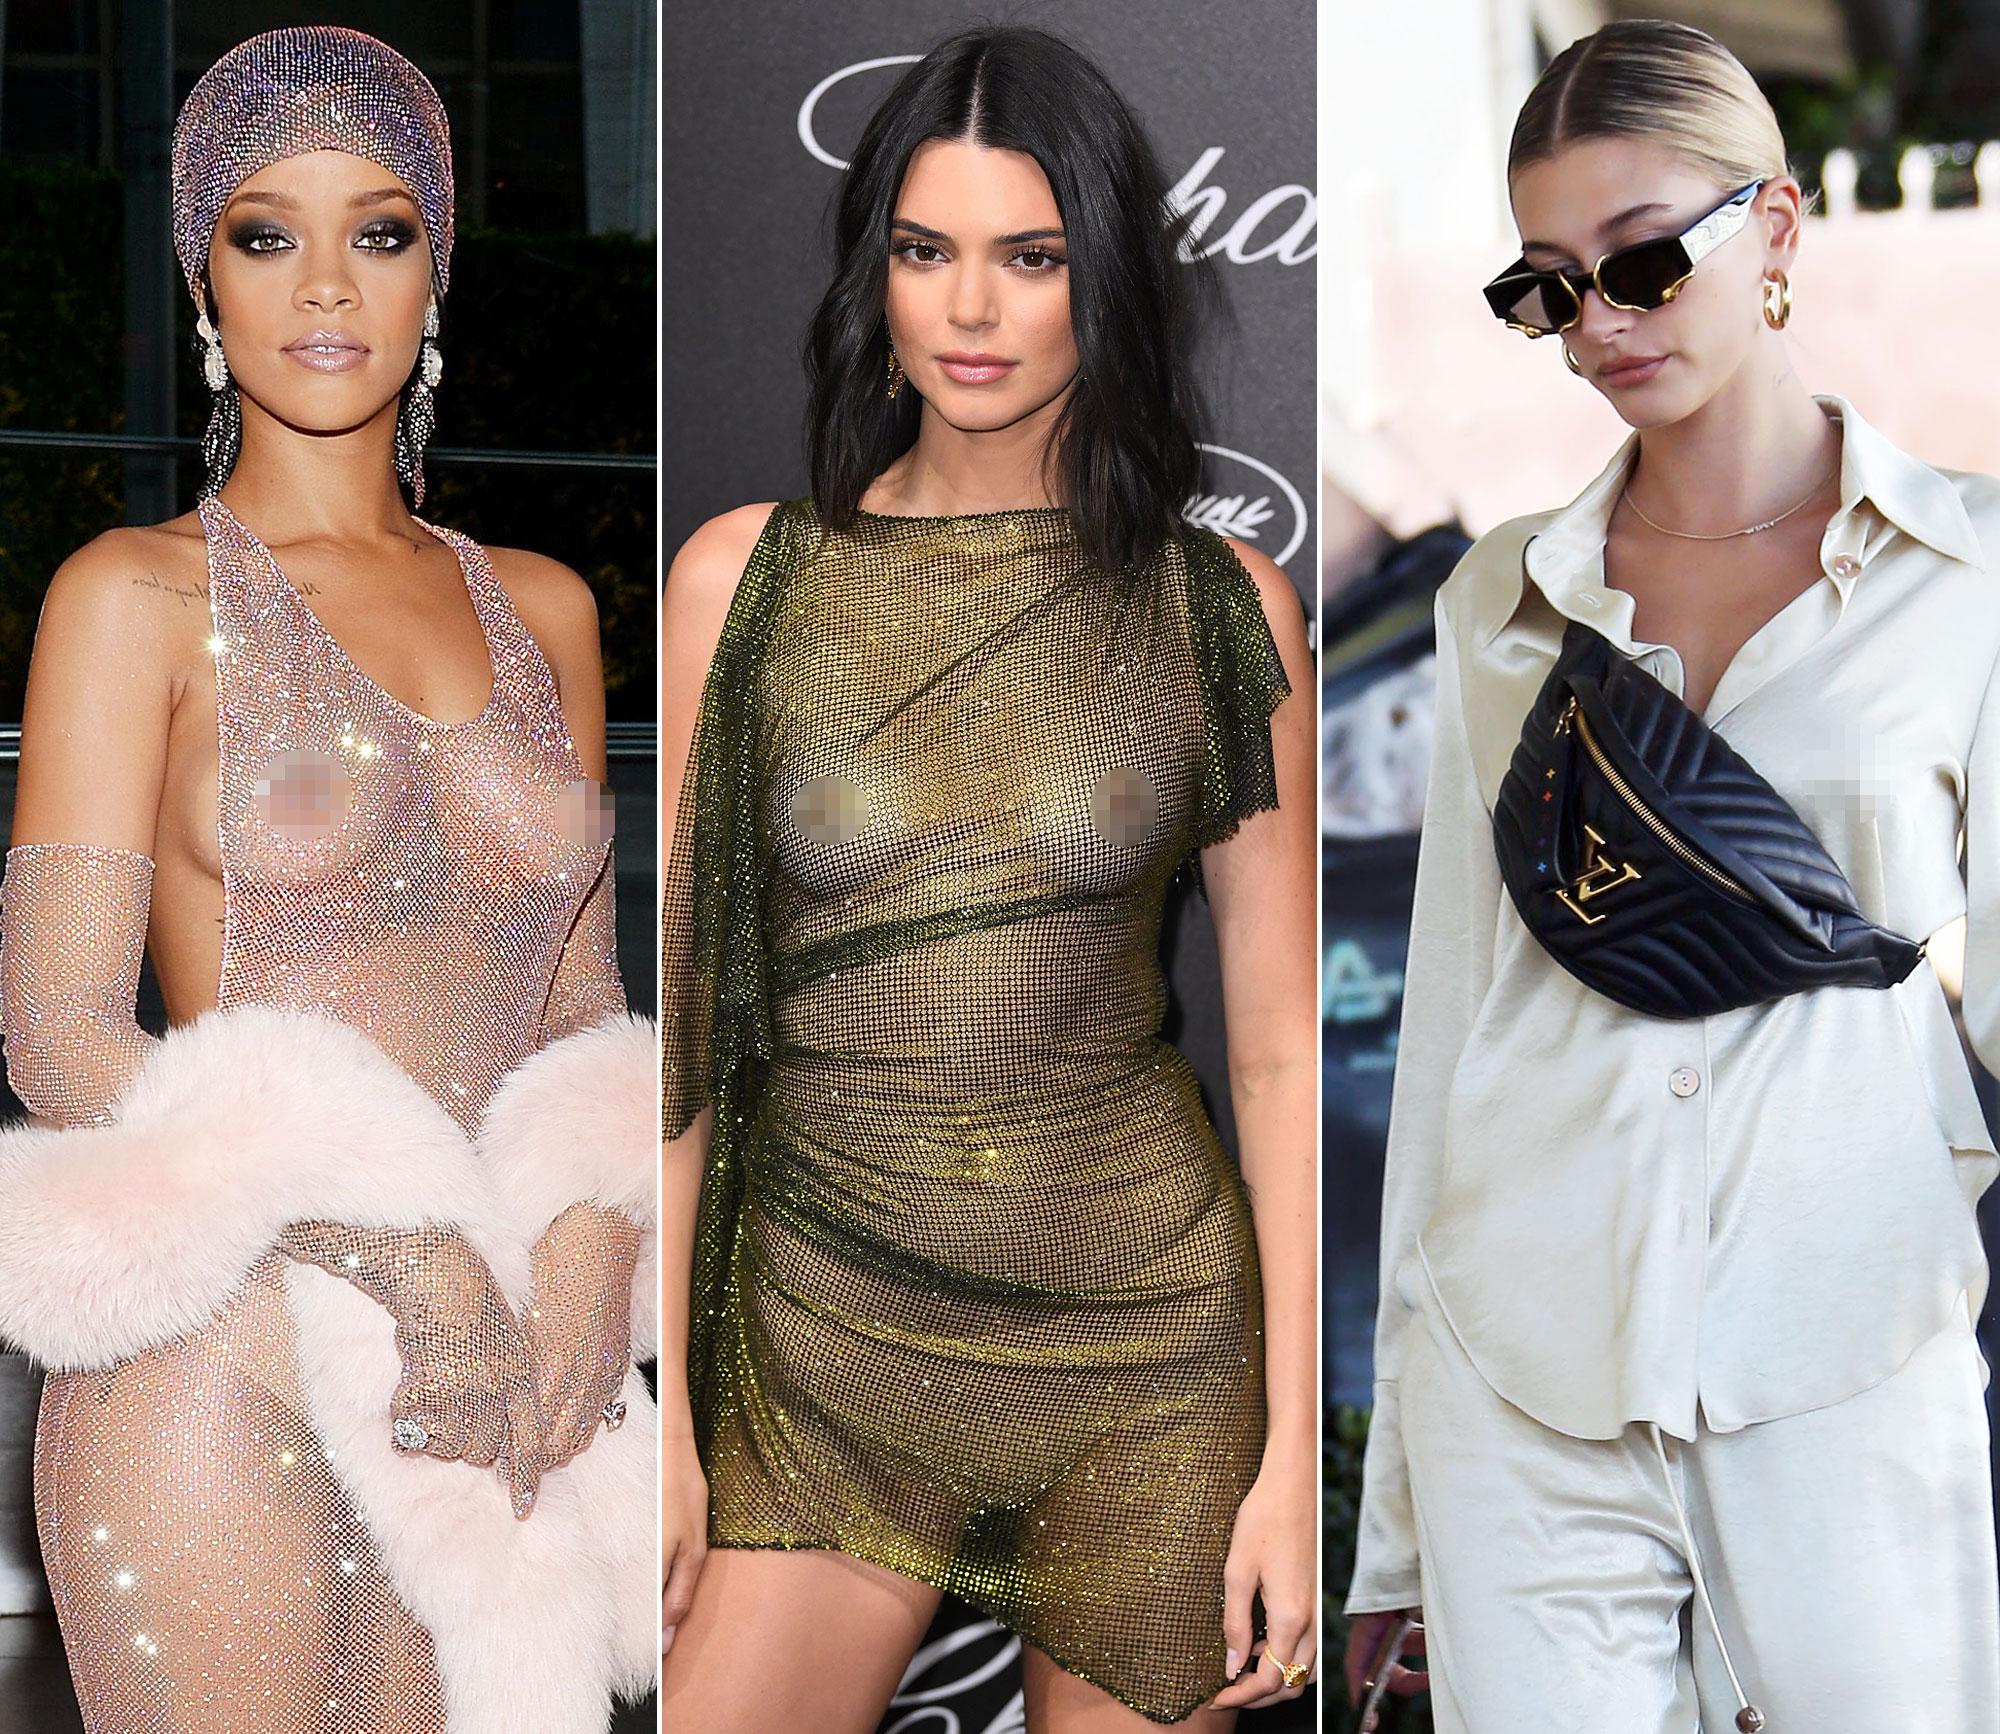 Nipples rihanna Rihanna proudly